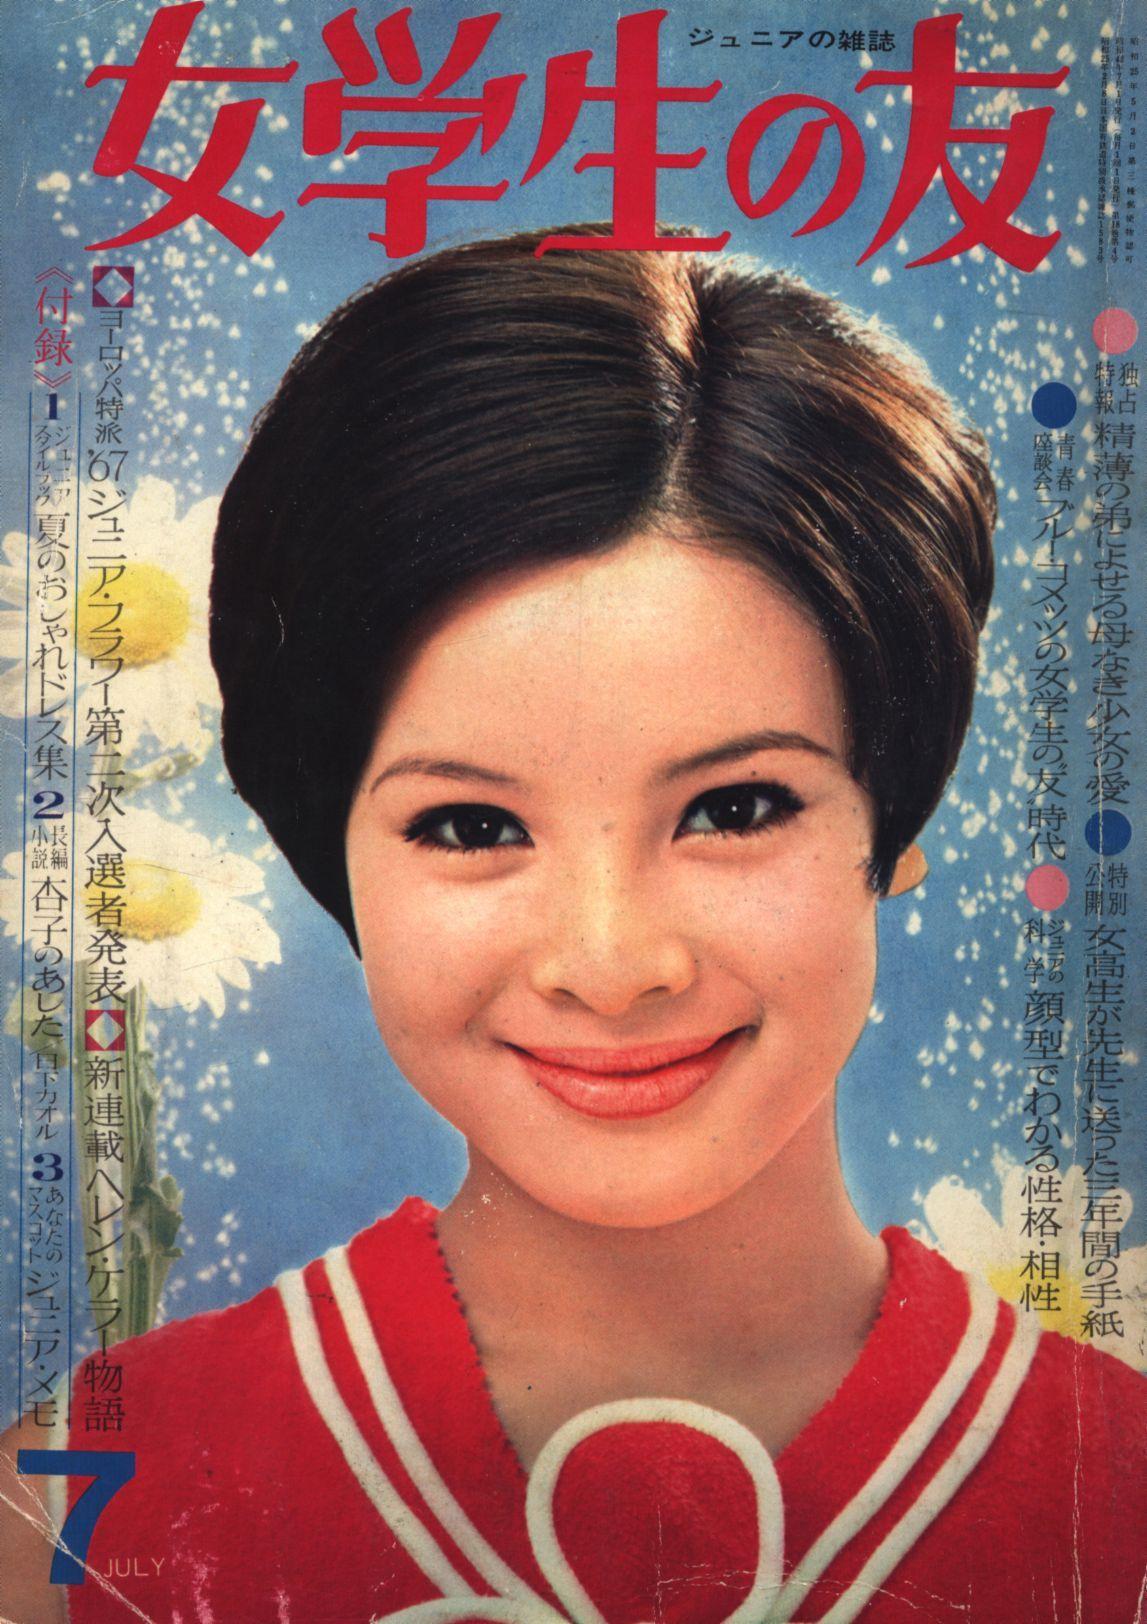 女学生の友 1967年7月号   昭和 女優, レトロな広告, 絶世の美女